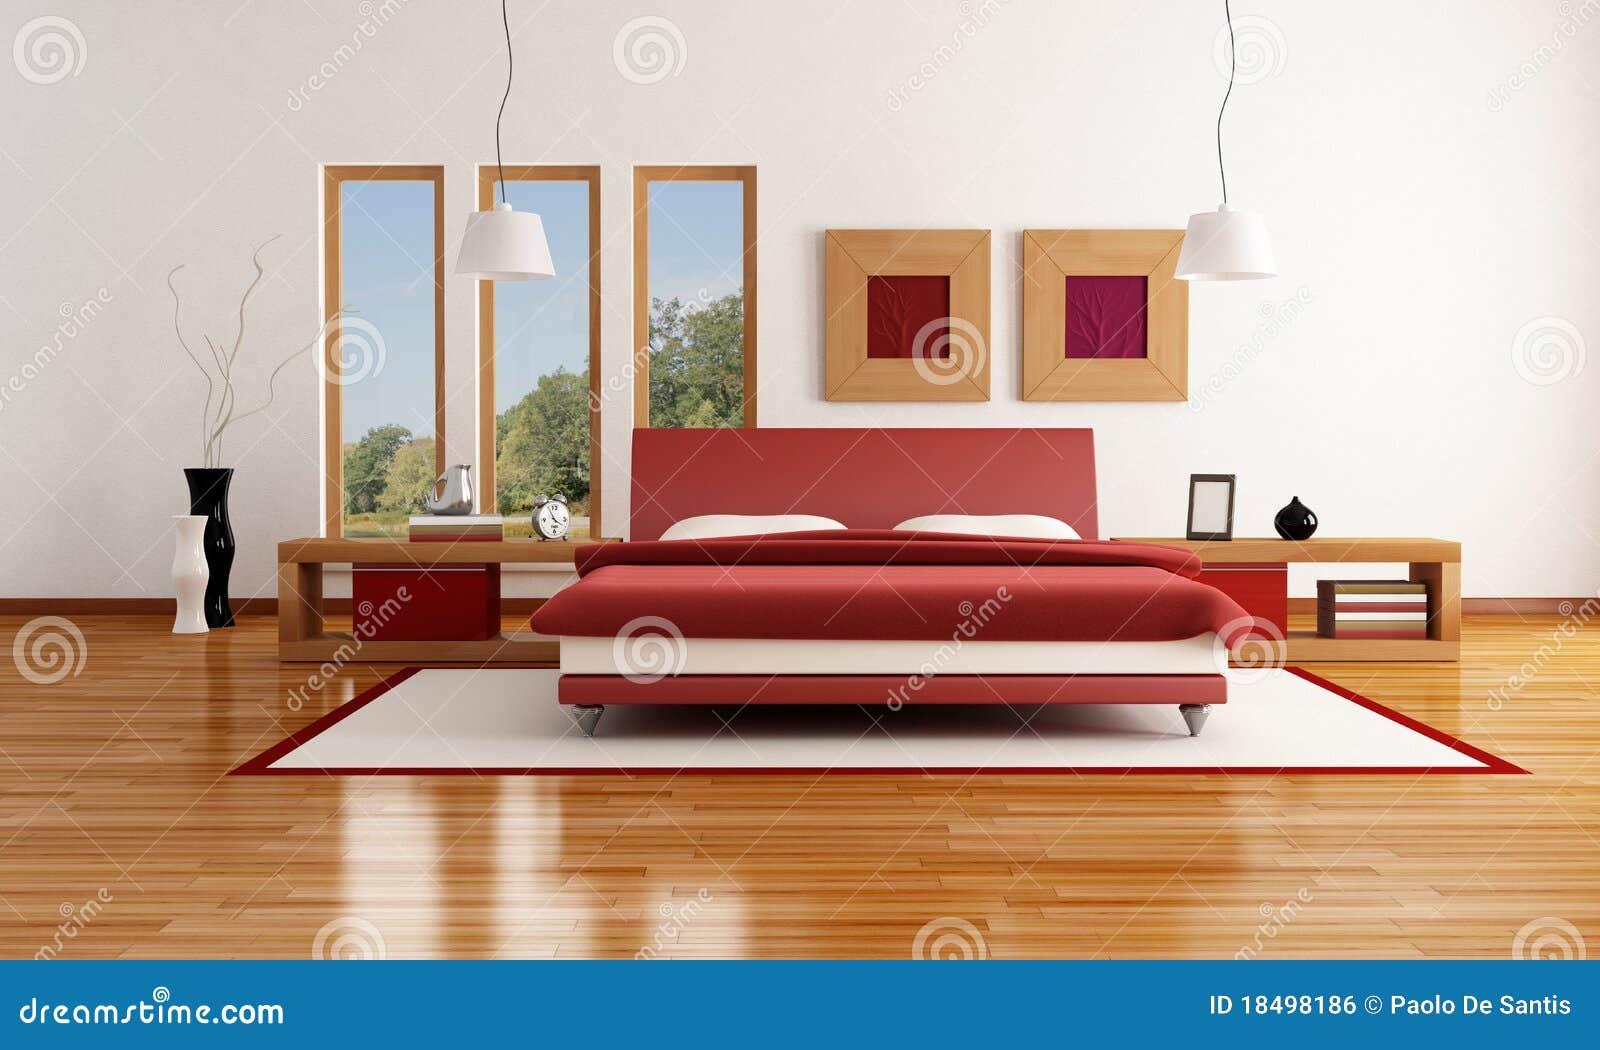 Camera da letto moderna rossa e bianca immagine stock - Camera da letto laccata bianca ...